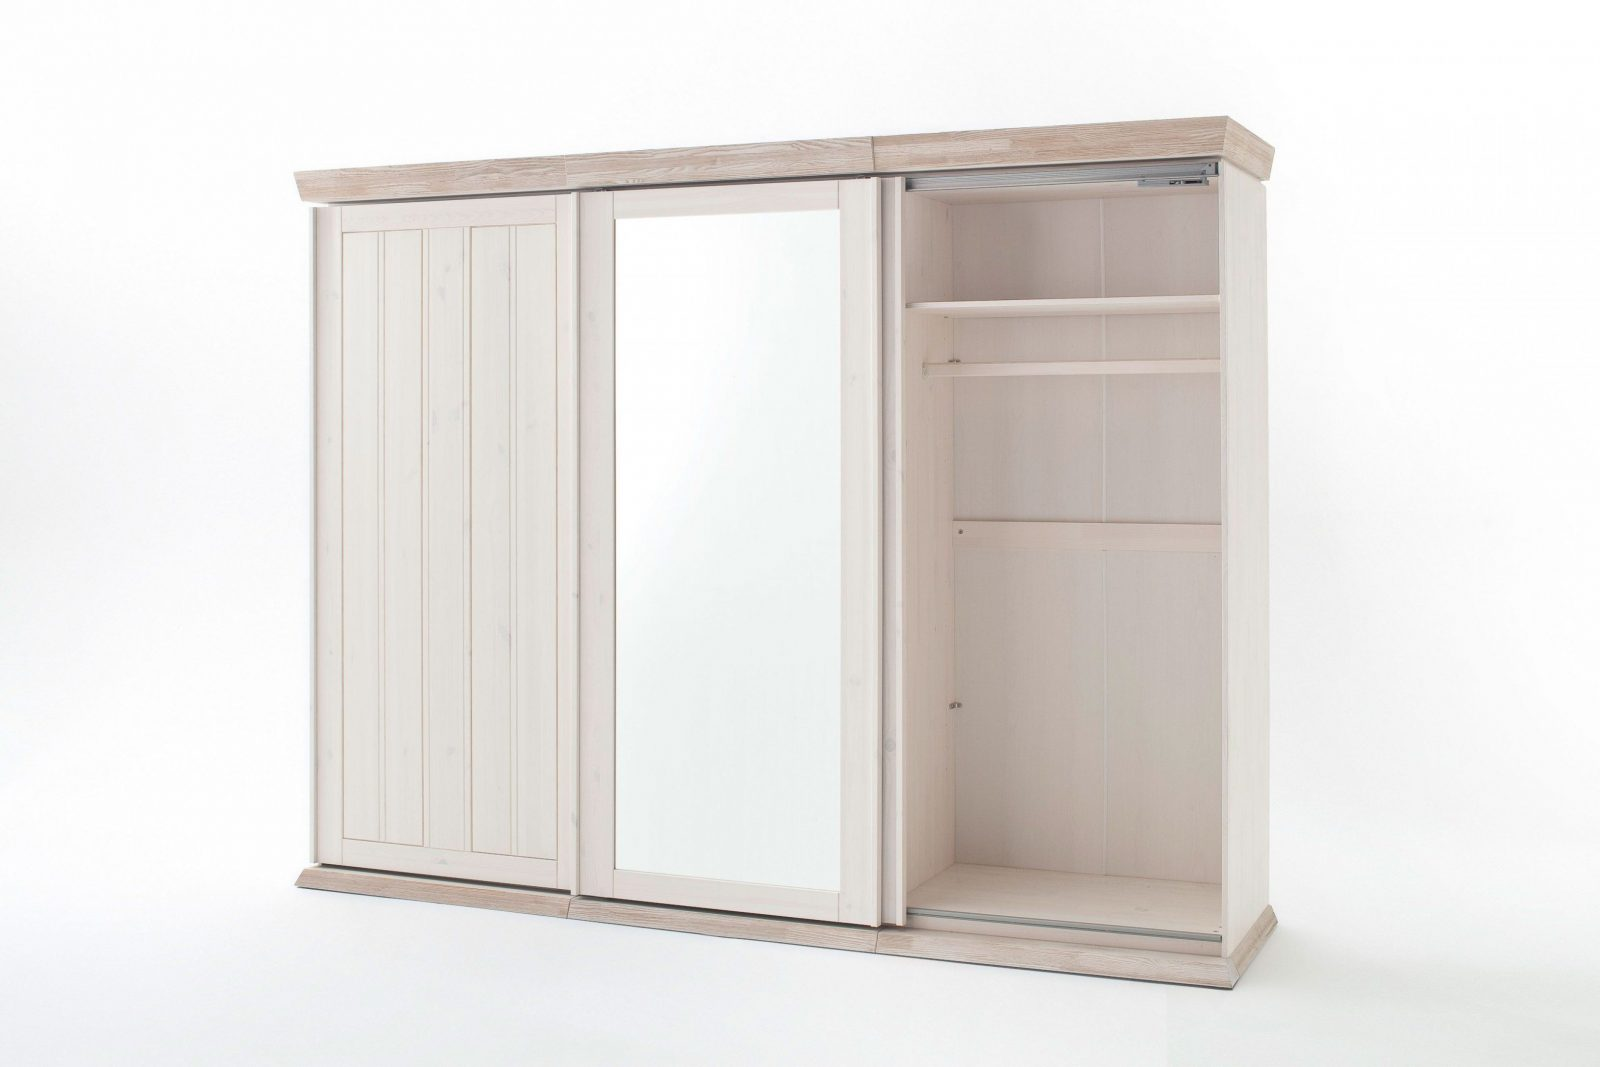 Ikea Schrank 90 Cm Breit Gefrierschrank 50 Cm Breit Elegant Ikea